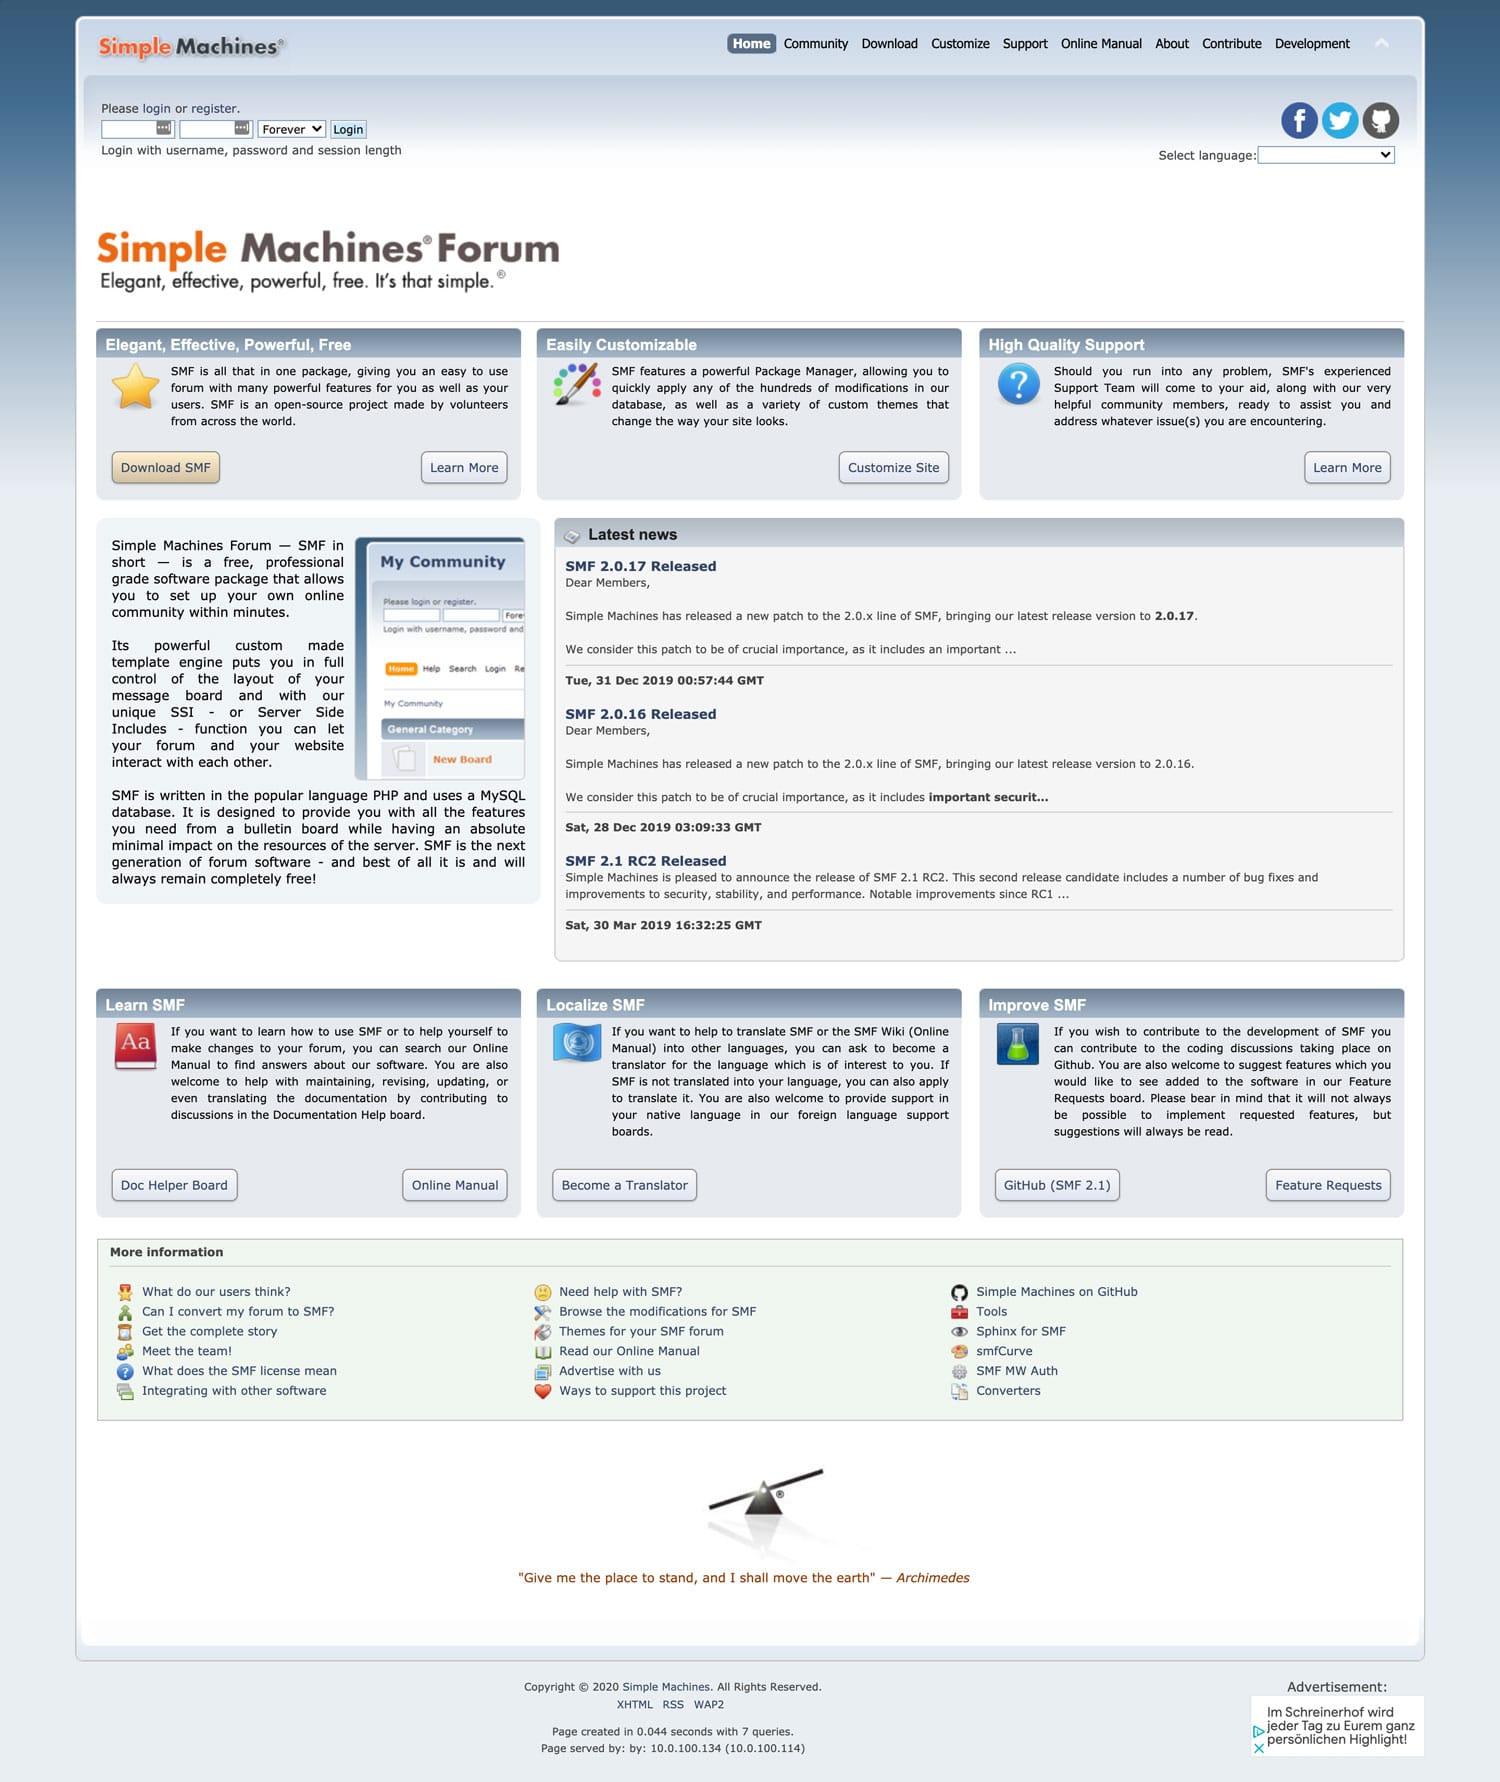 Die Forensoftware Simple Machines Forum ist einfach aber dennoch elegant und effektiv